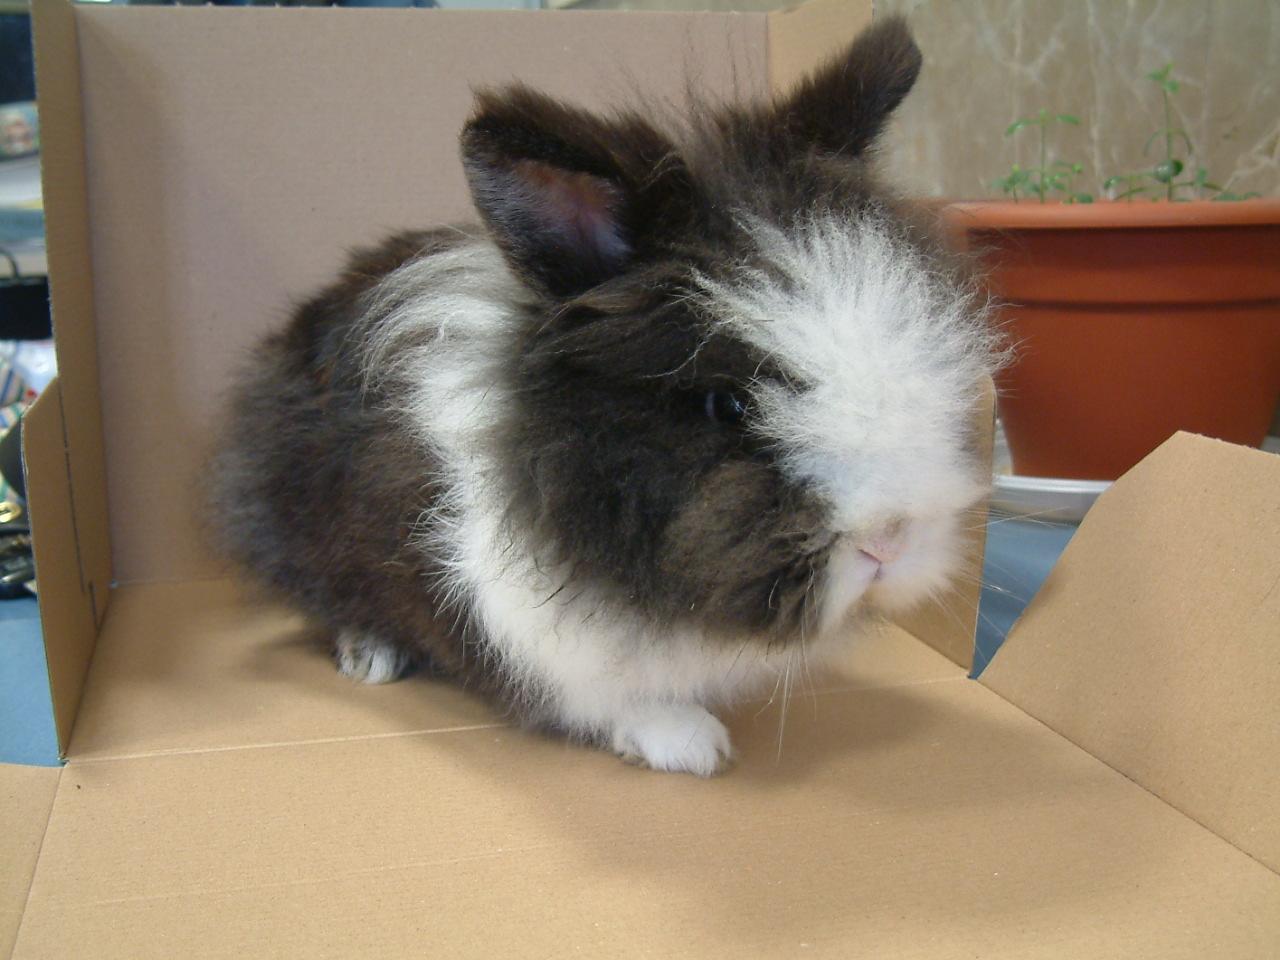 foto di un coniglio